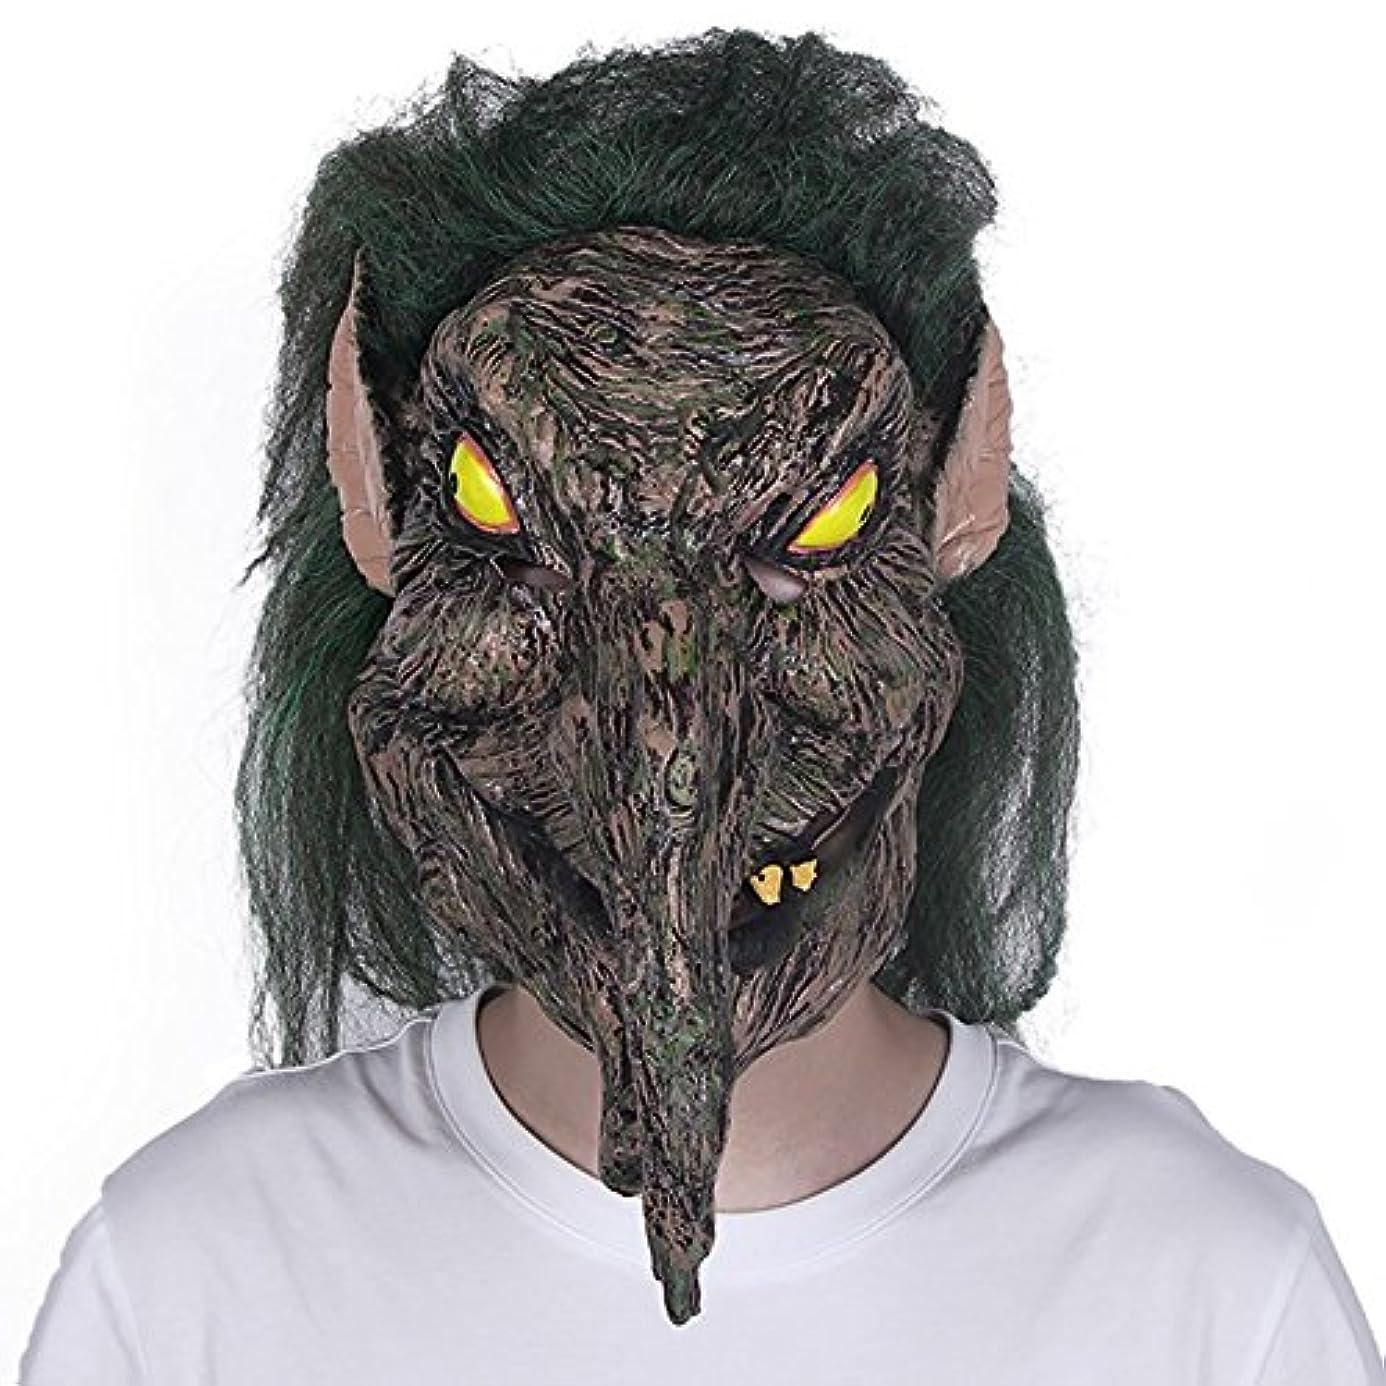 汚い正規化の間でハロウィンホラーマスクしかめっ面大人の装飾ラテックスヘッドギア男性緑髪魔女怖いパーティーマスク